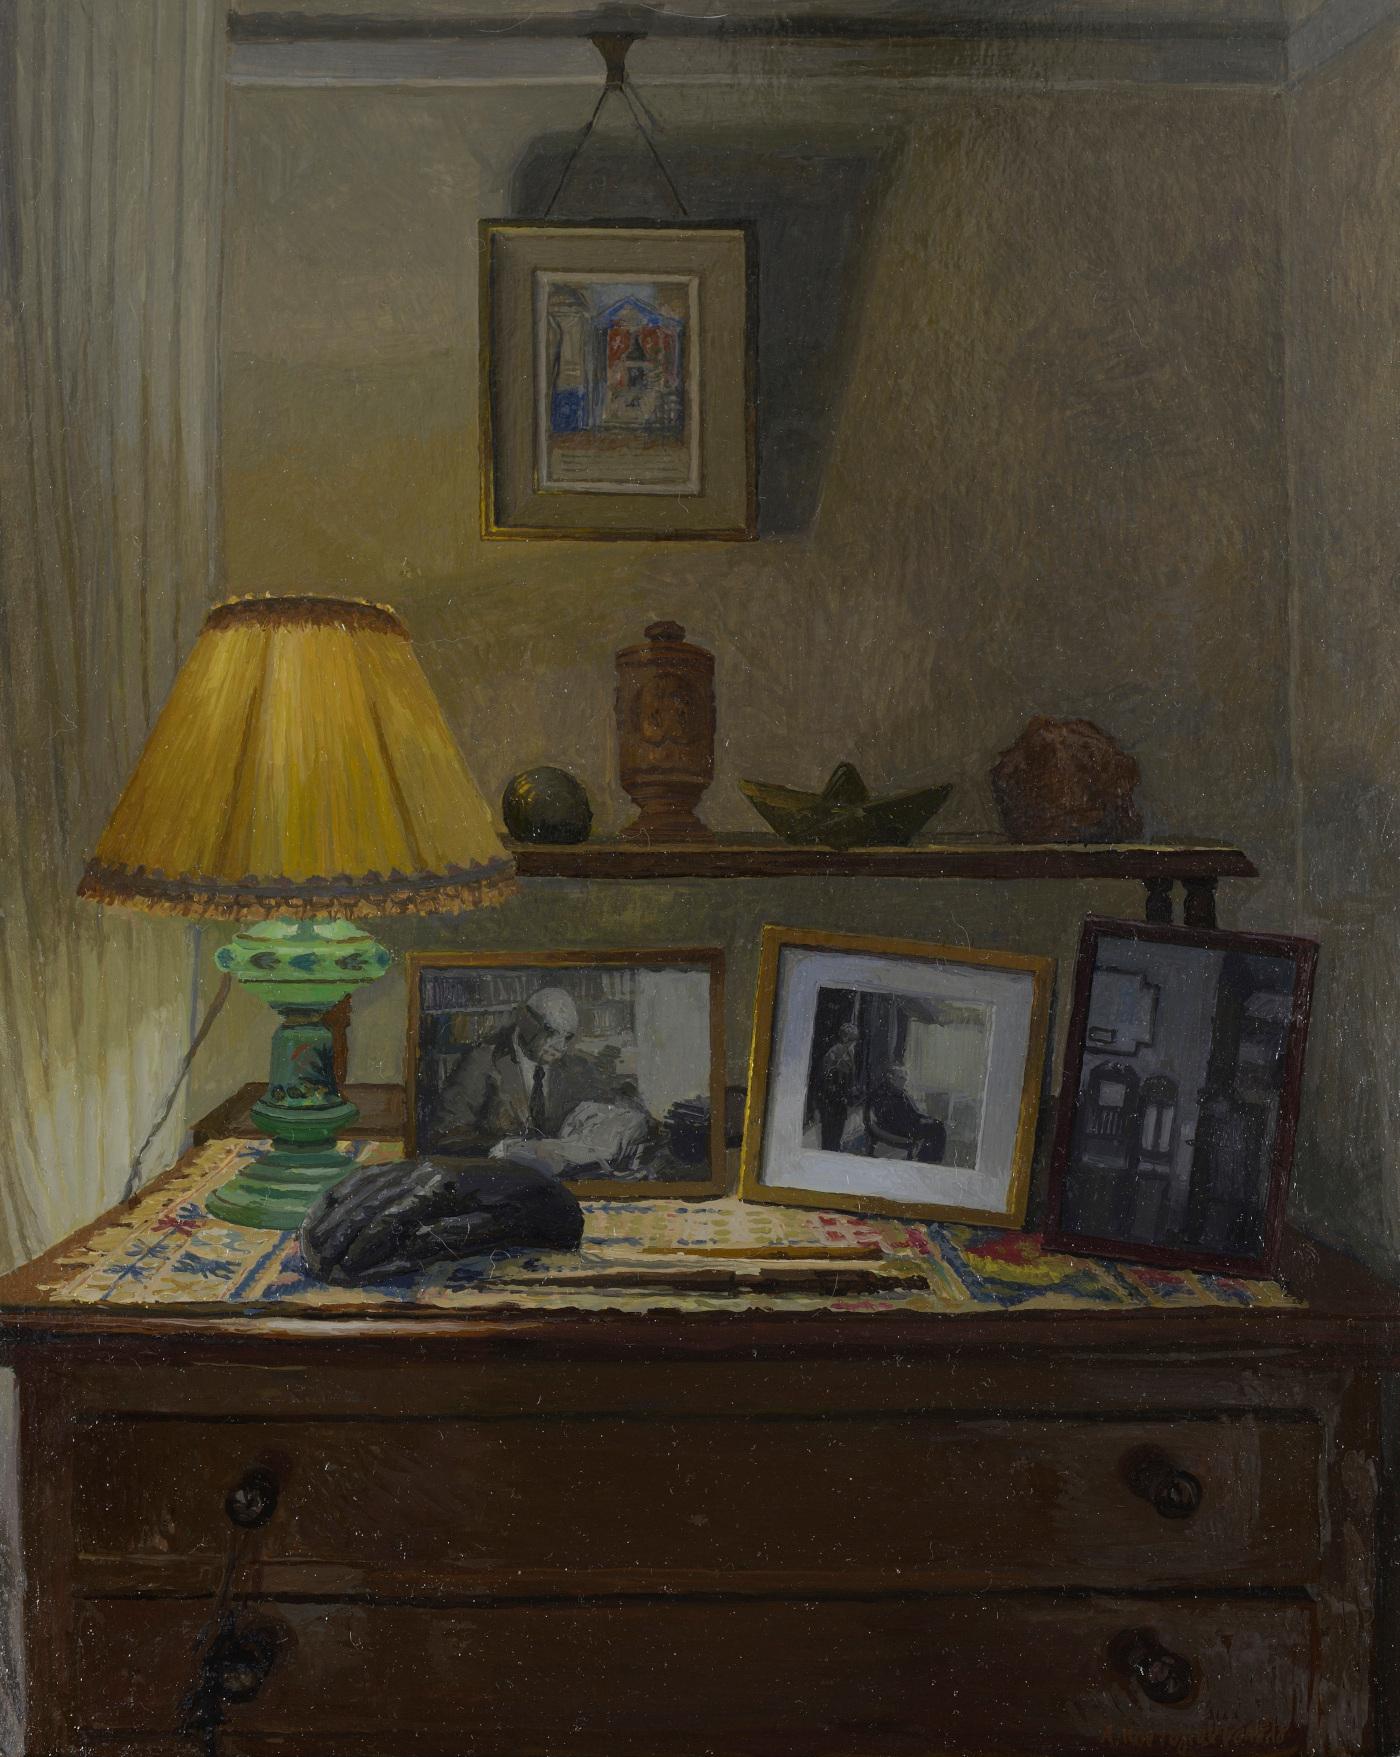 Στο σπίτι του Γιώργου Σεφέρη: Νυχτερινή σύνθεση , 38Χ30 εκ., λάδι σε χαρτόνι, 2019, ιδιωτική συλλογή , Αθήνα .